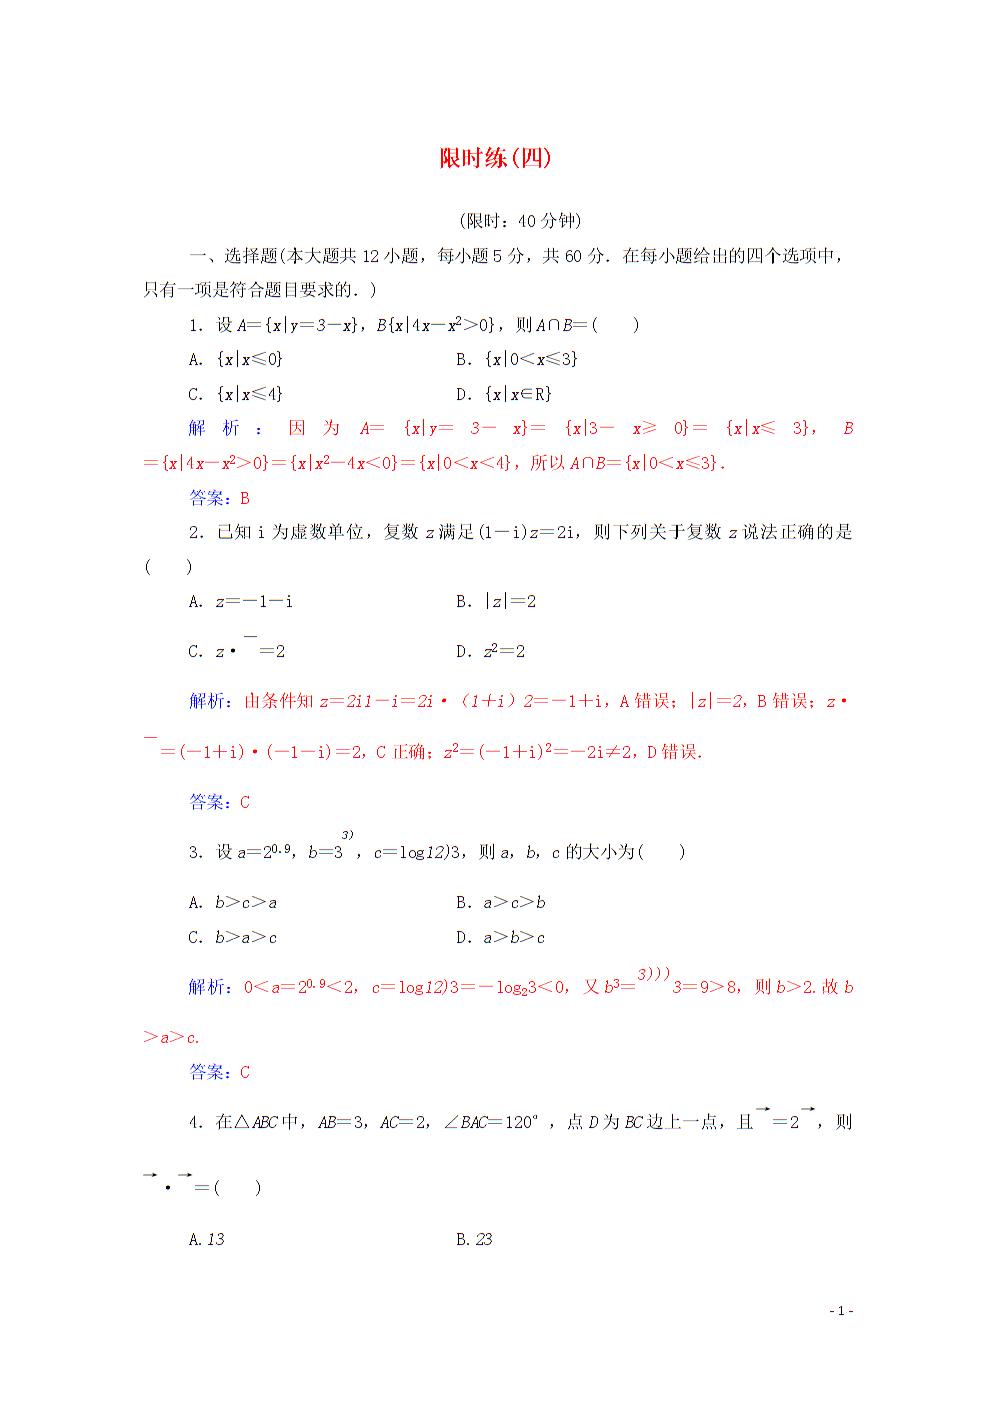 2020届高考数学二轮复习 限时练(四)理.doc